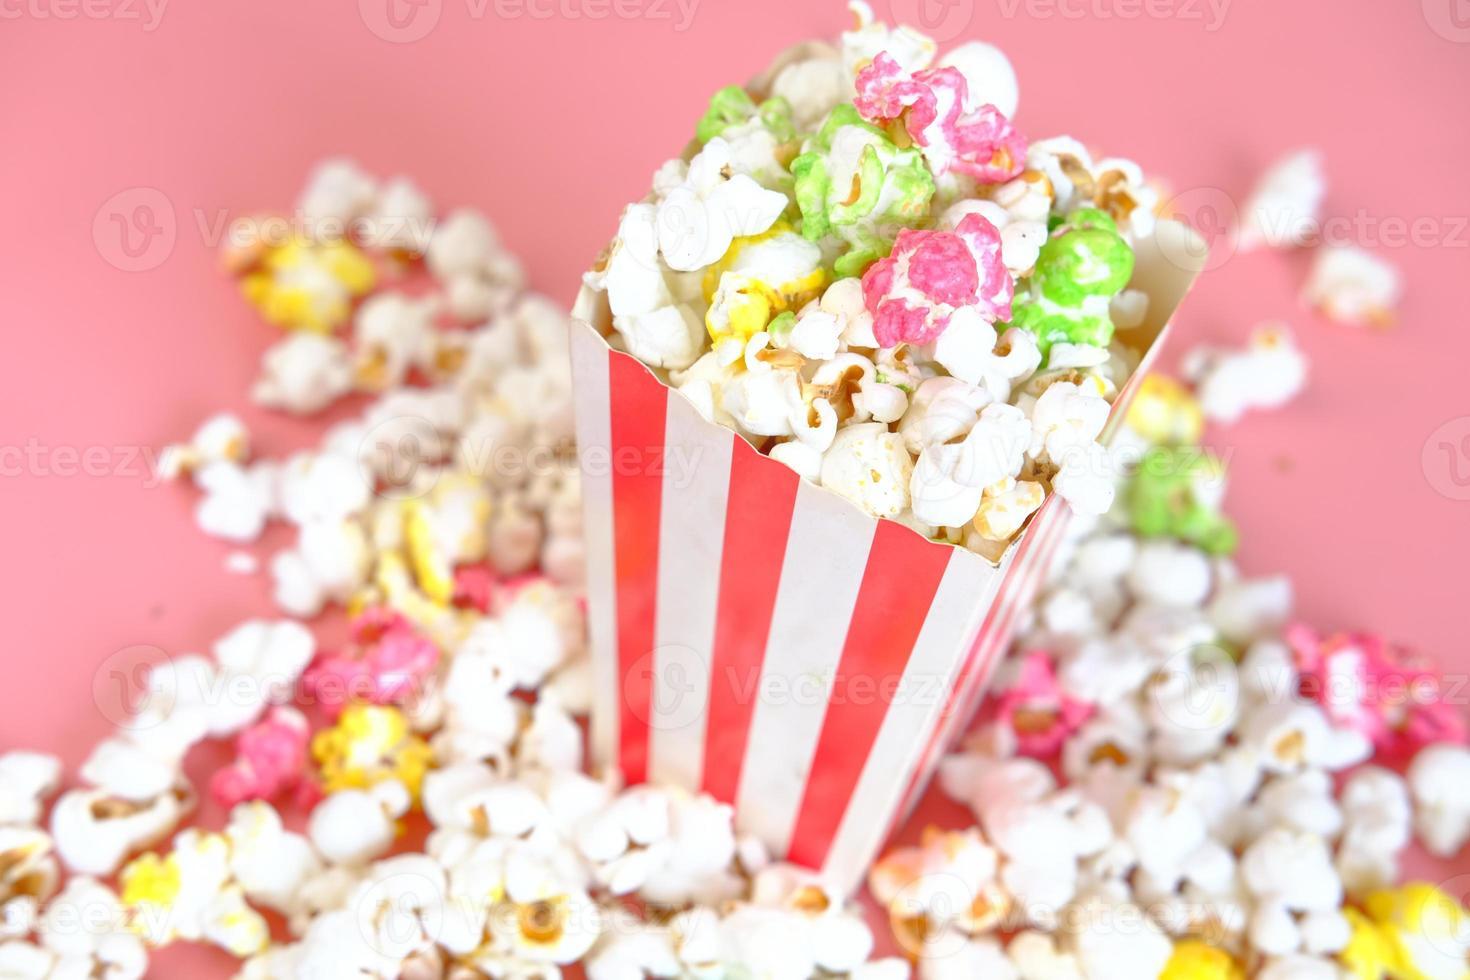 popcorn fuoriuscita da un contenitore su sfondo rosso foto